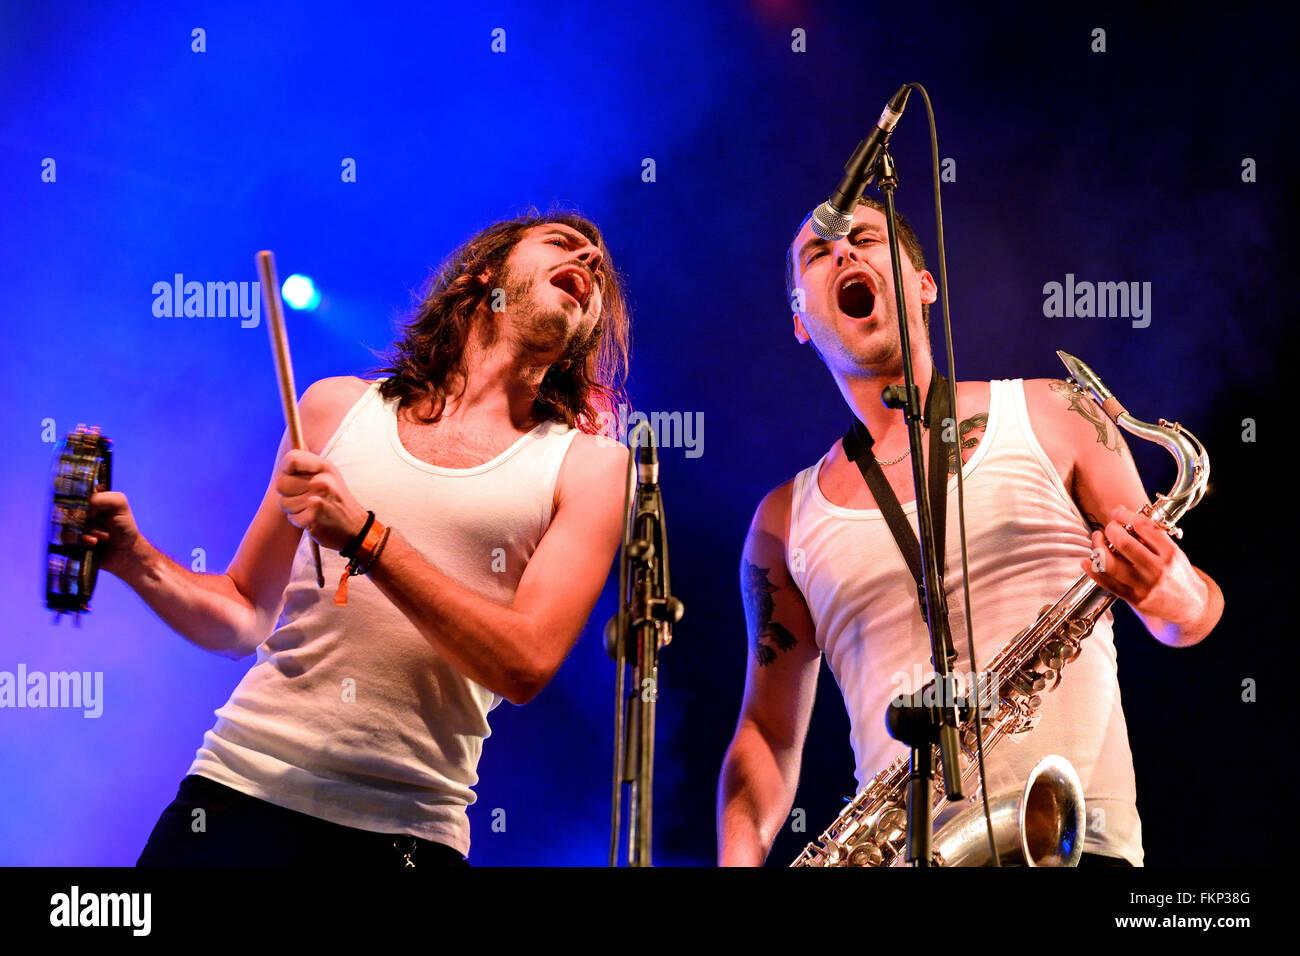 BILBAO, SPAIN - NOV 01: La Moda (band) live music show at Bime Festival on November 01, 2014 in Bilbao, Spain. - Stock Image